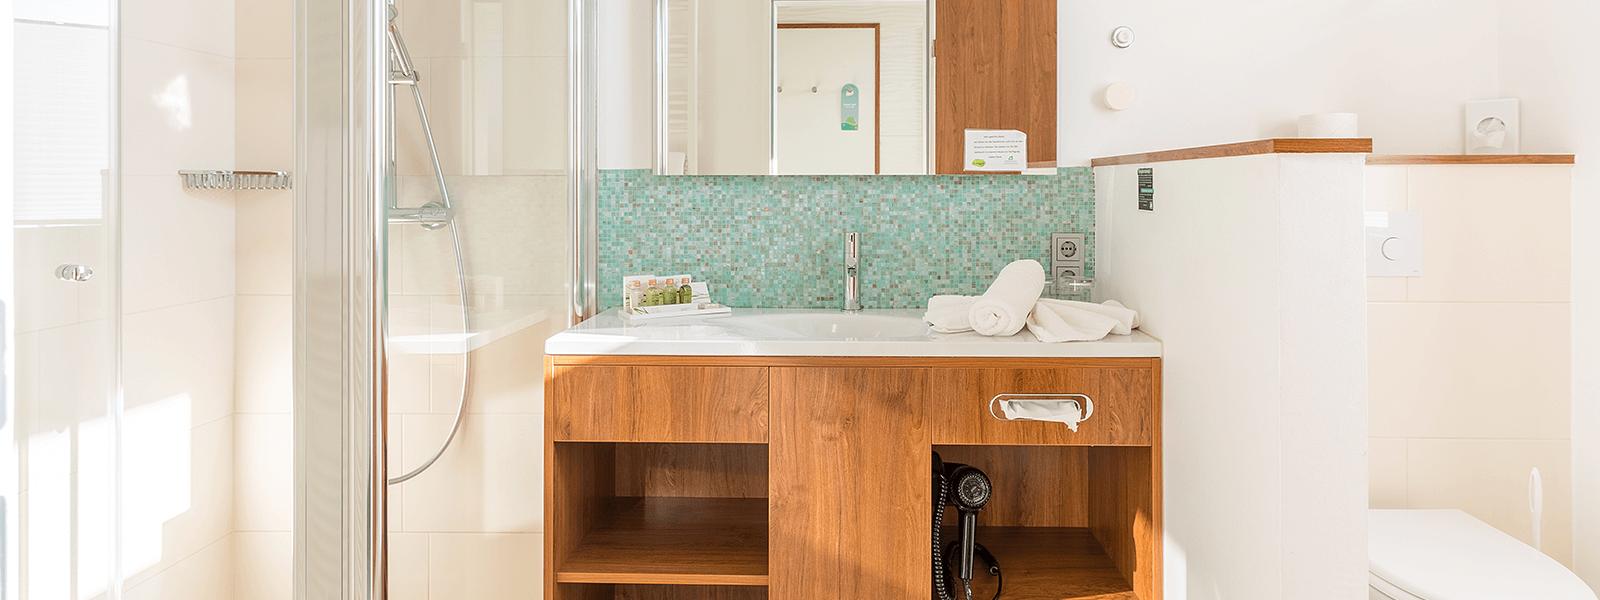 Blick ins Bad auf Dusche, Waschbecken und Toilette